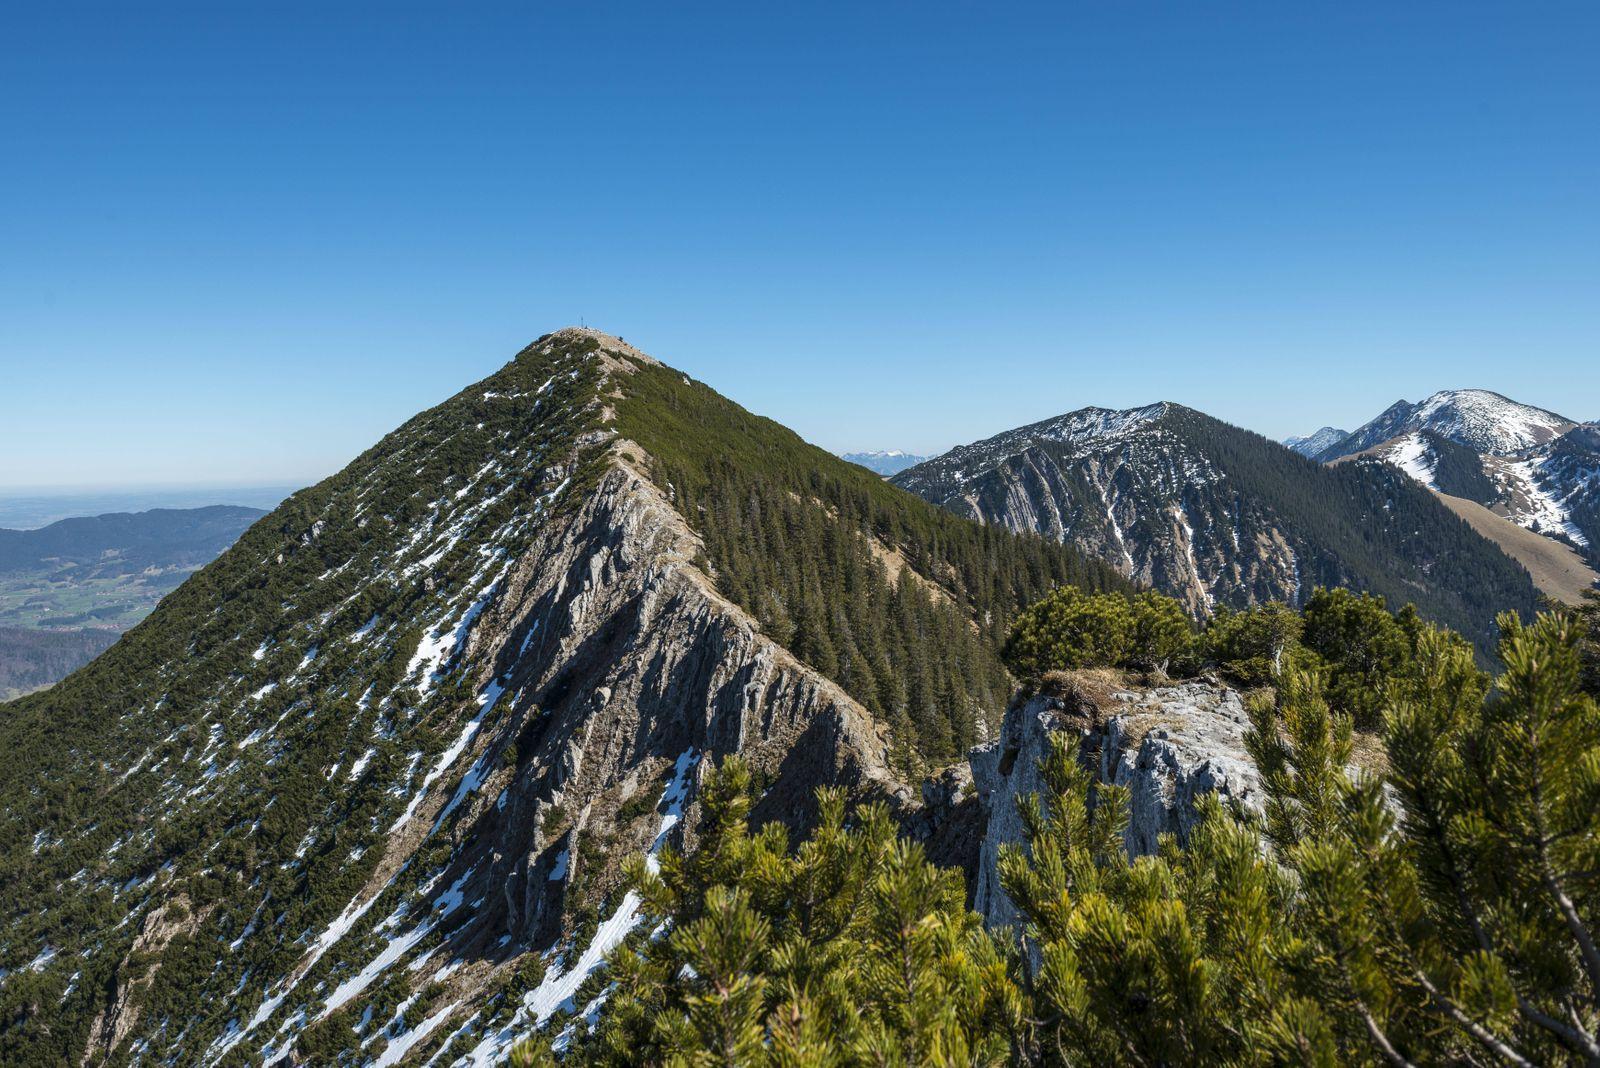 Grat und Gipfel der Brecherspitz mit Schneeresten im Frühjahr Schlierseeer Alpen Oberbayern Bayer